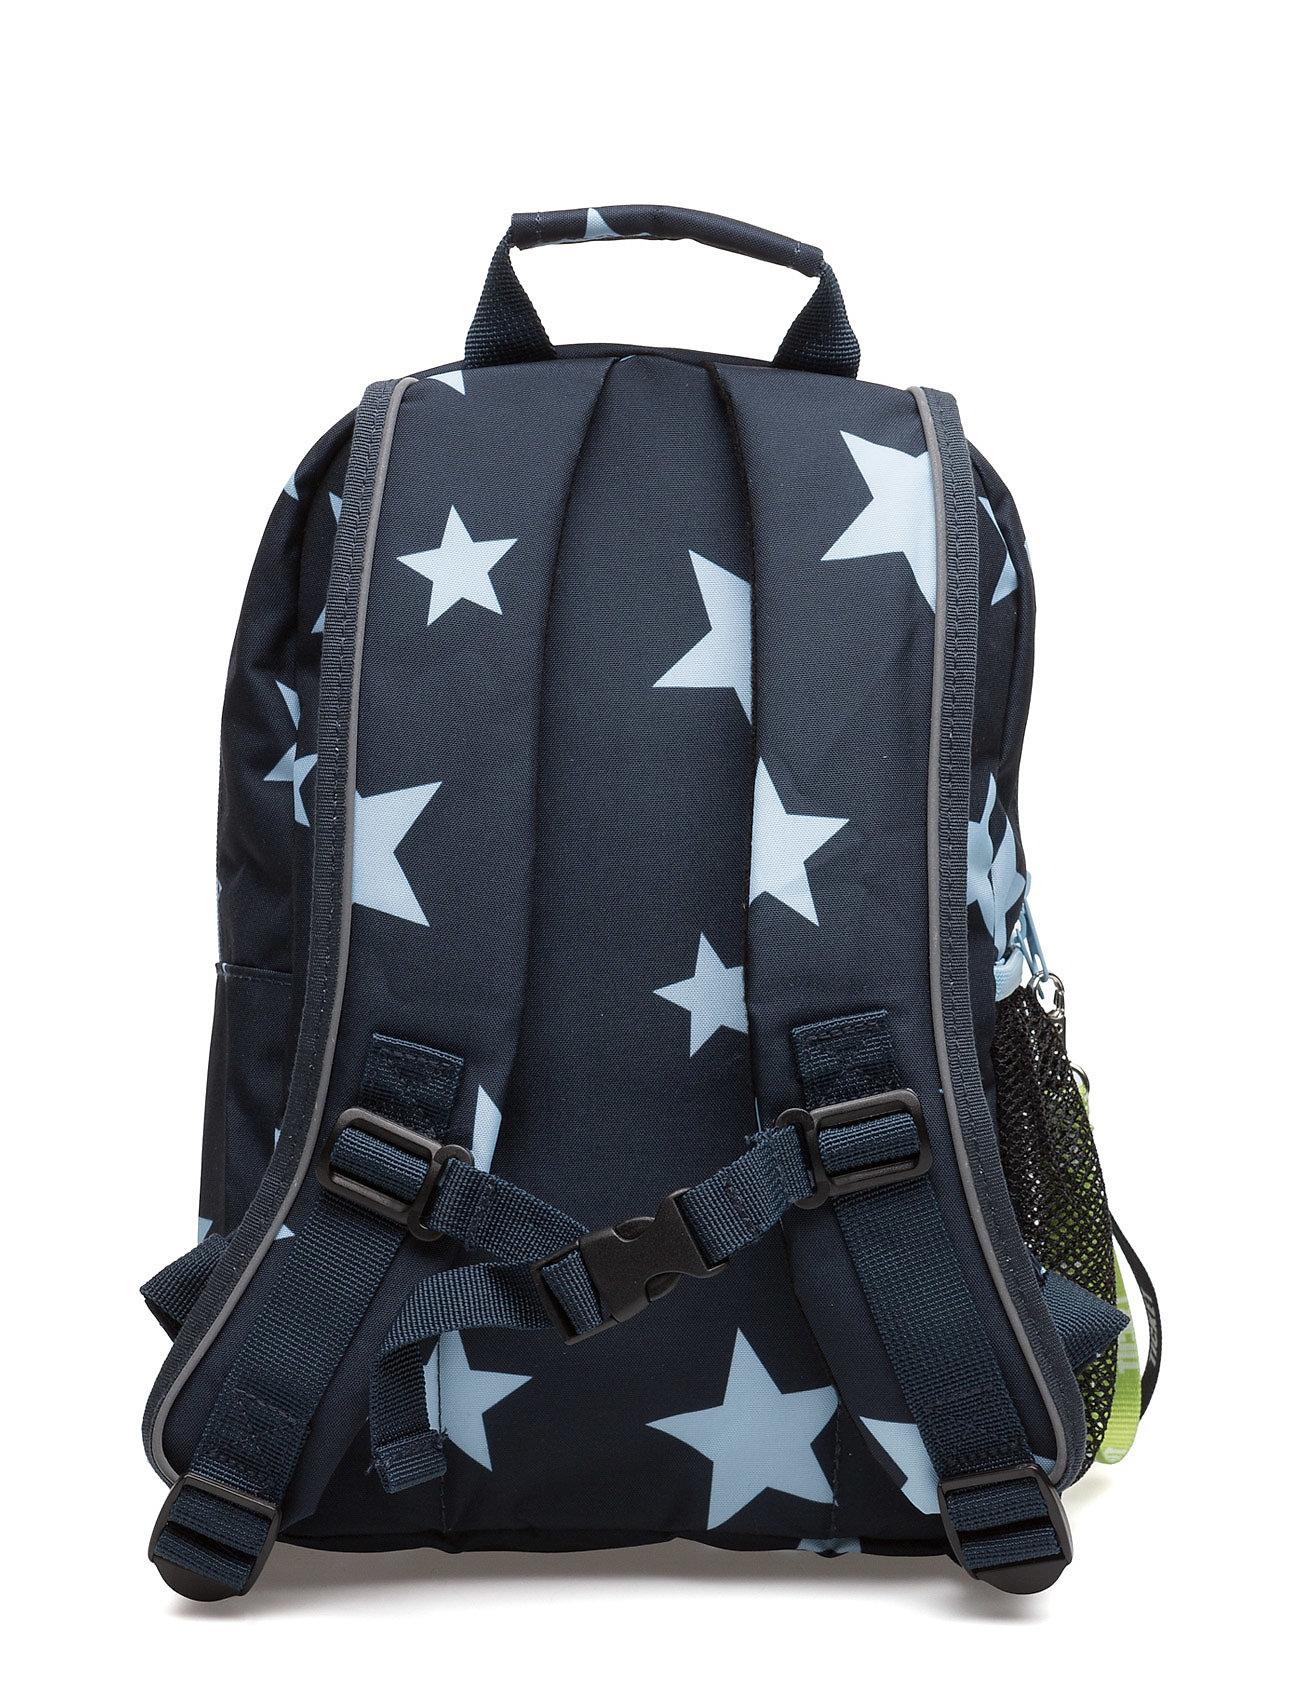 Backpack Beginners Boy Ticket to Heaven Tasker til Børn i